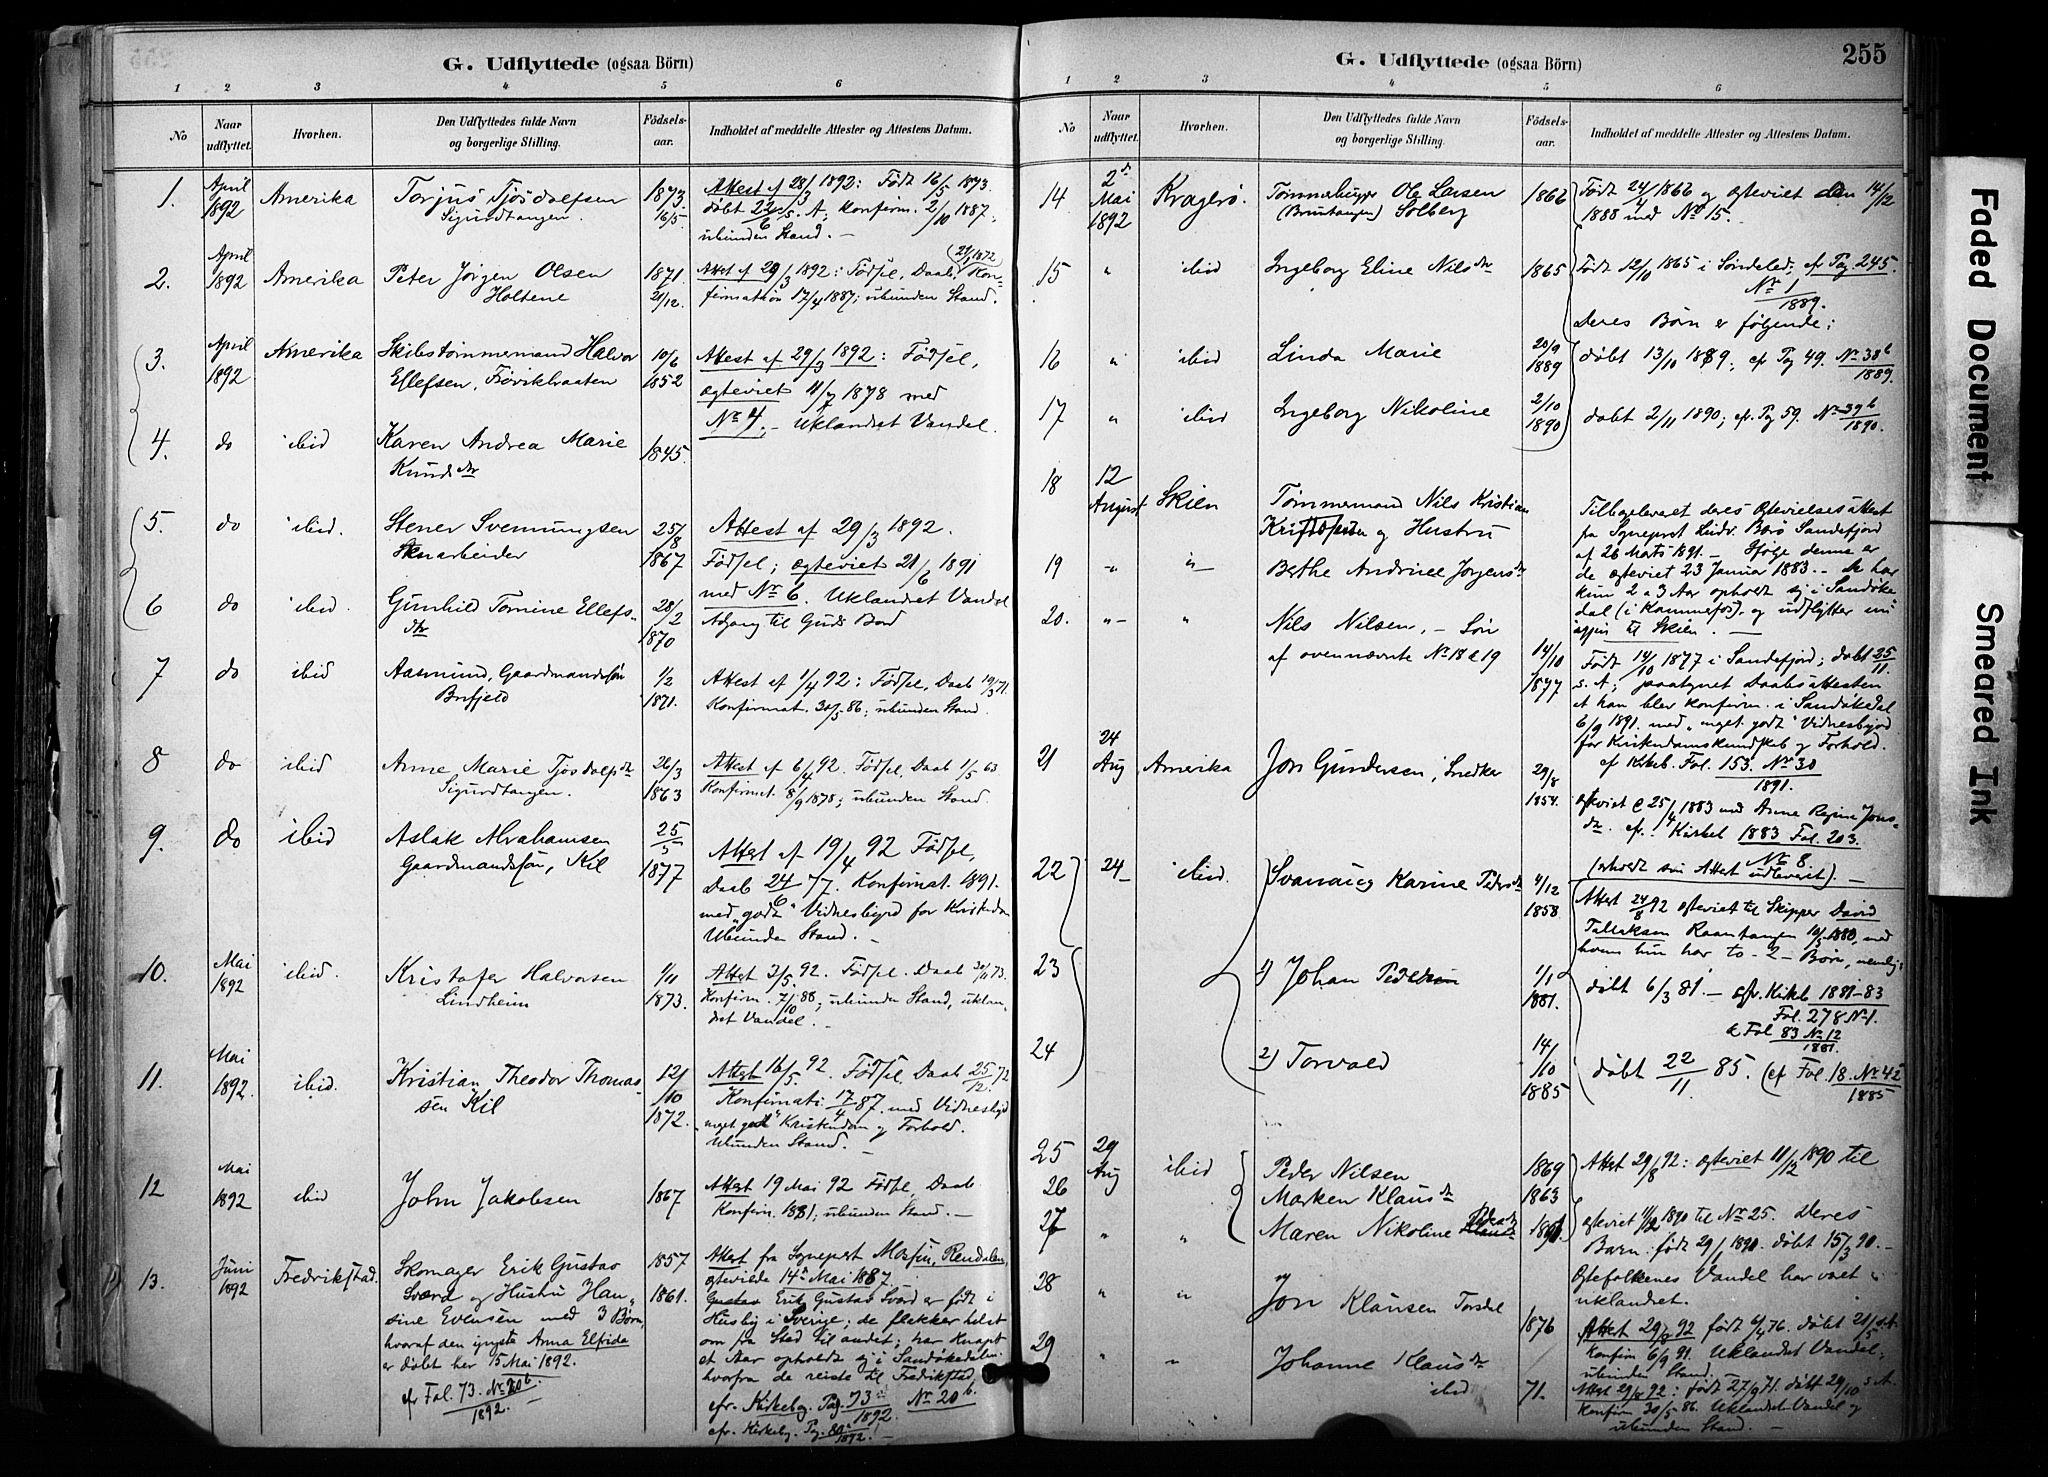 SAKO, Sannidal kirkebøker, F/Fa/L0015: Ministerialbok nr. 15, 1884-1899, s. 255